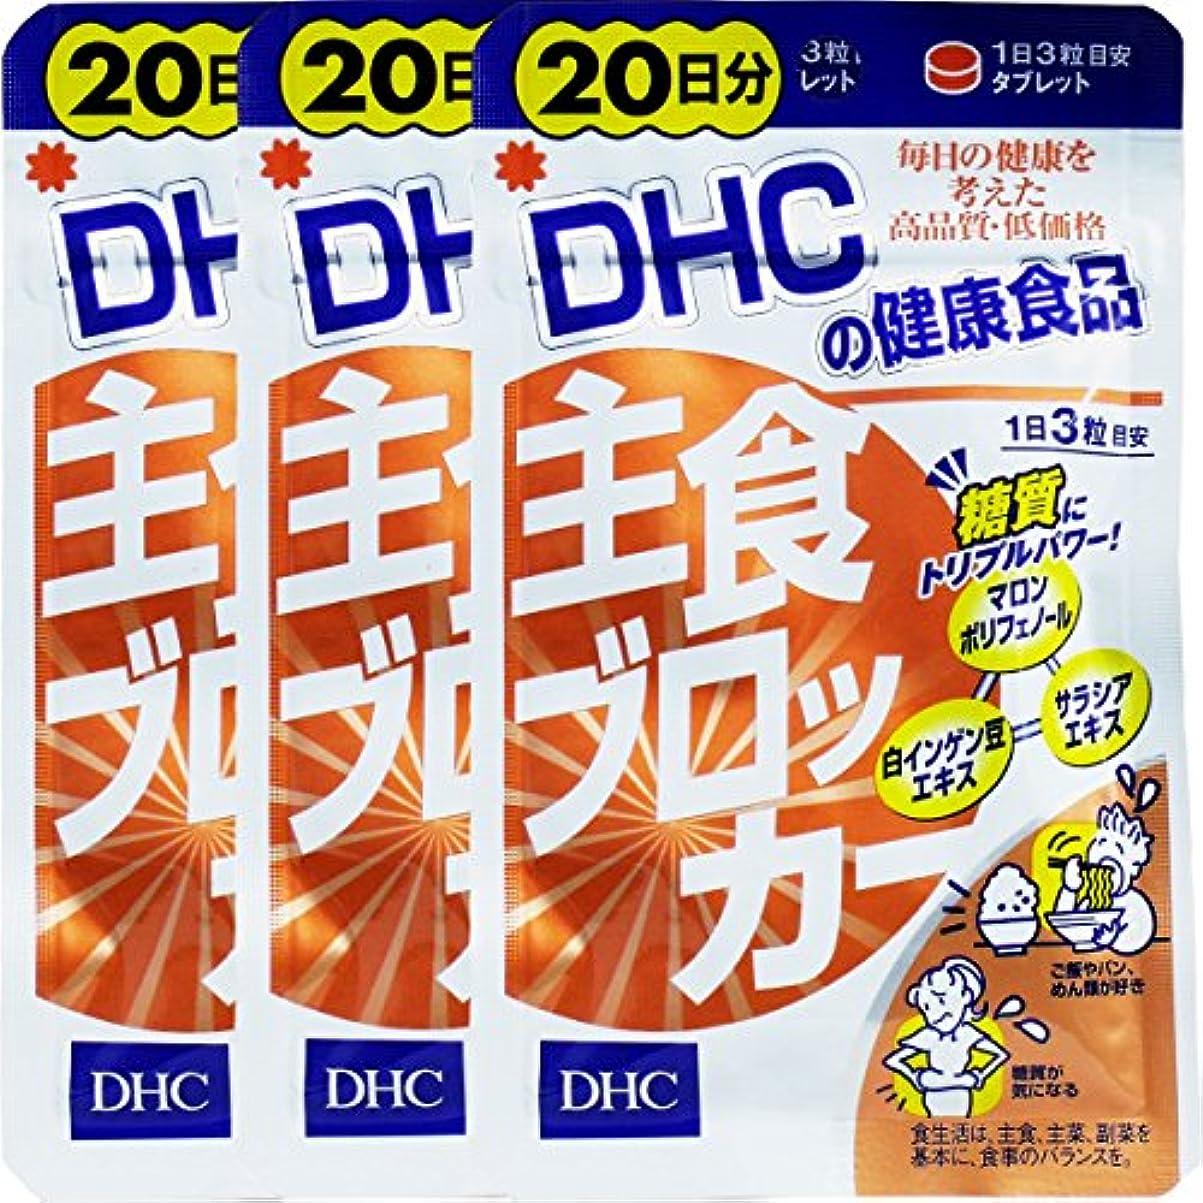 ロバあさりウェブDHC 主食ブロッカー 20日分 60粒入×3個